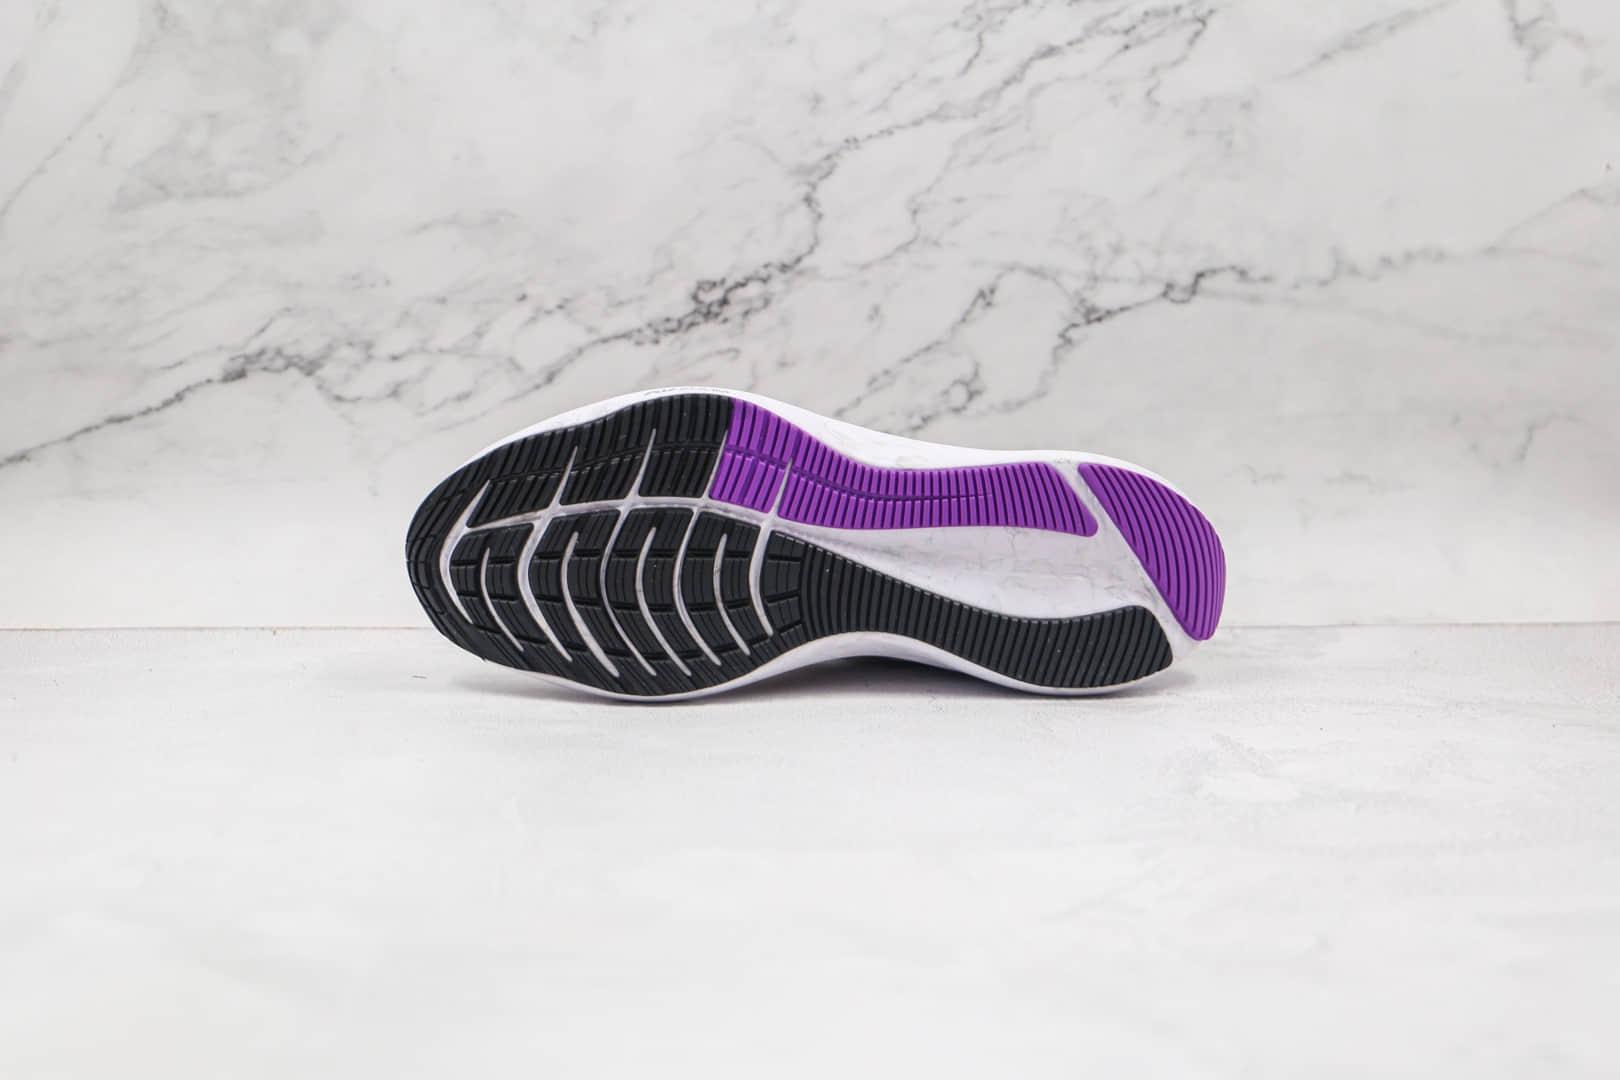 耐克Nike Zoom Winflo 8公司级版本温弗罗八代登月跑鞋白红黑色区别市面通货 货号:CW3419-101